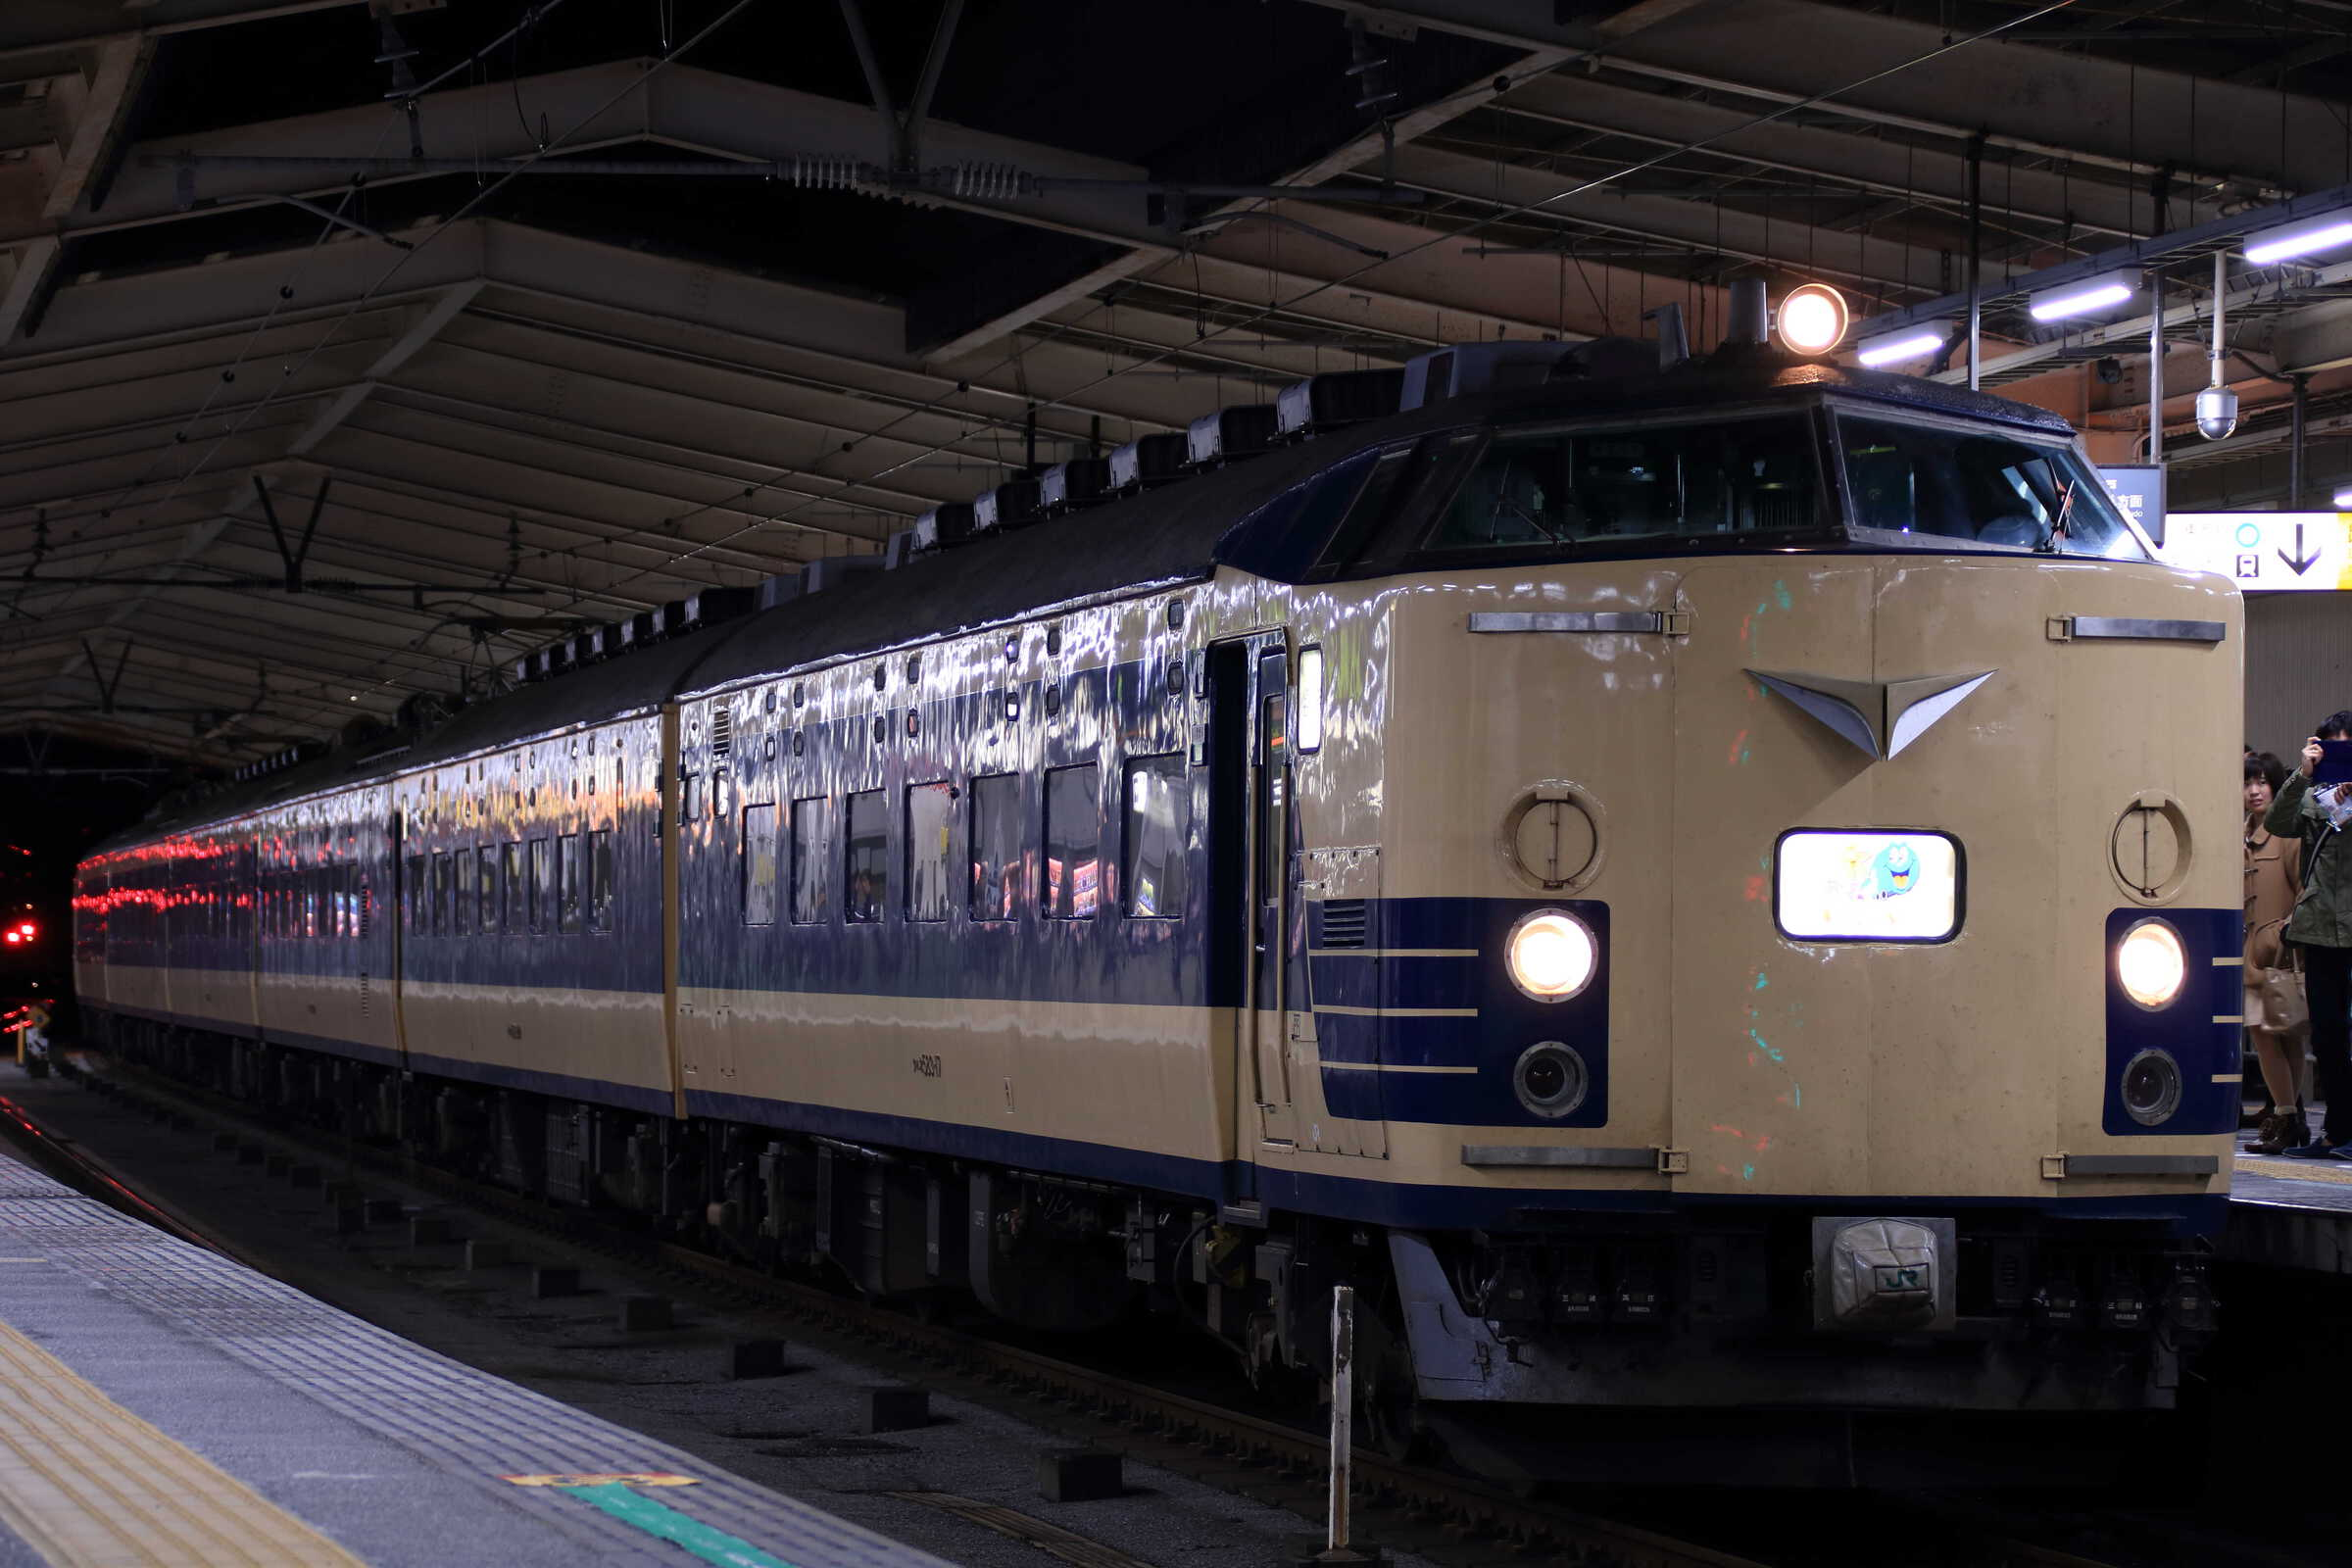 9746M 団臨(秋1201, 東京(舞浜)→青森) わくわくドリーム号 583系 秋アキN1+N2編成